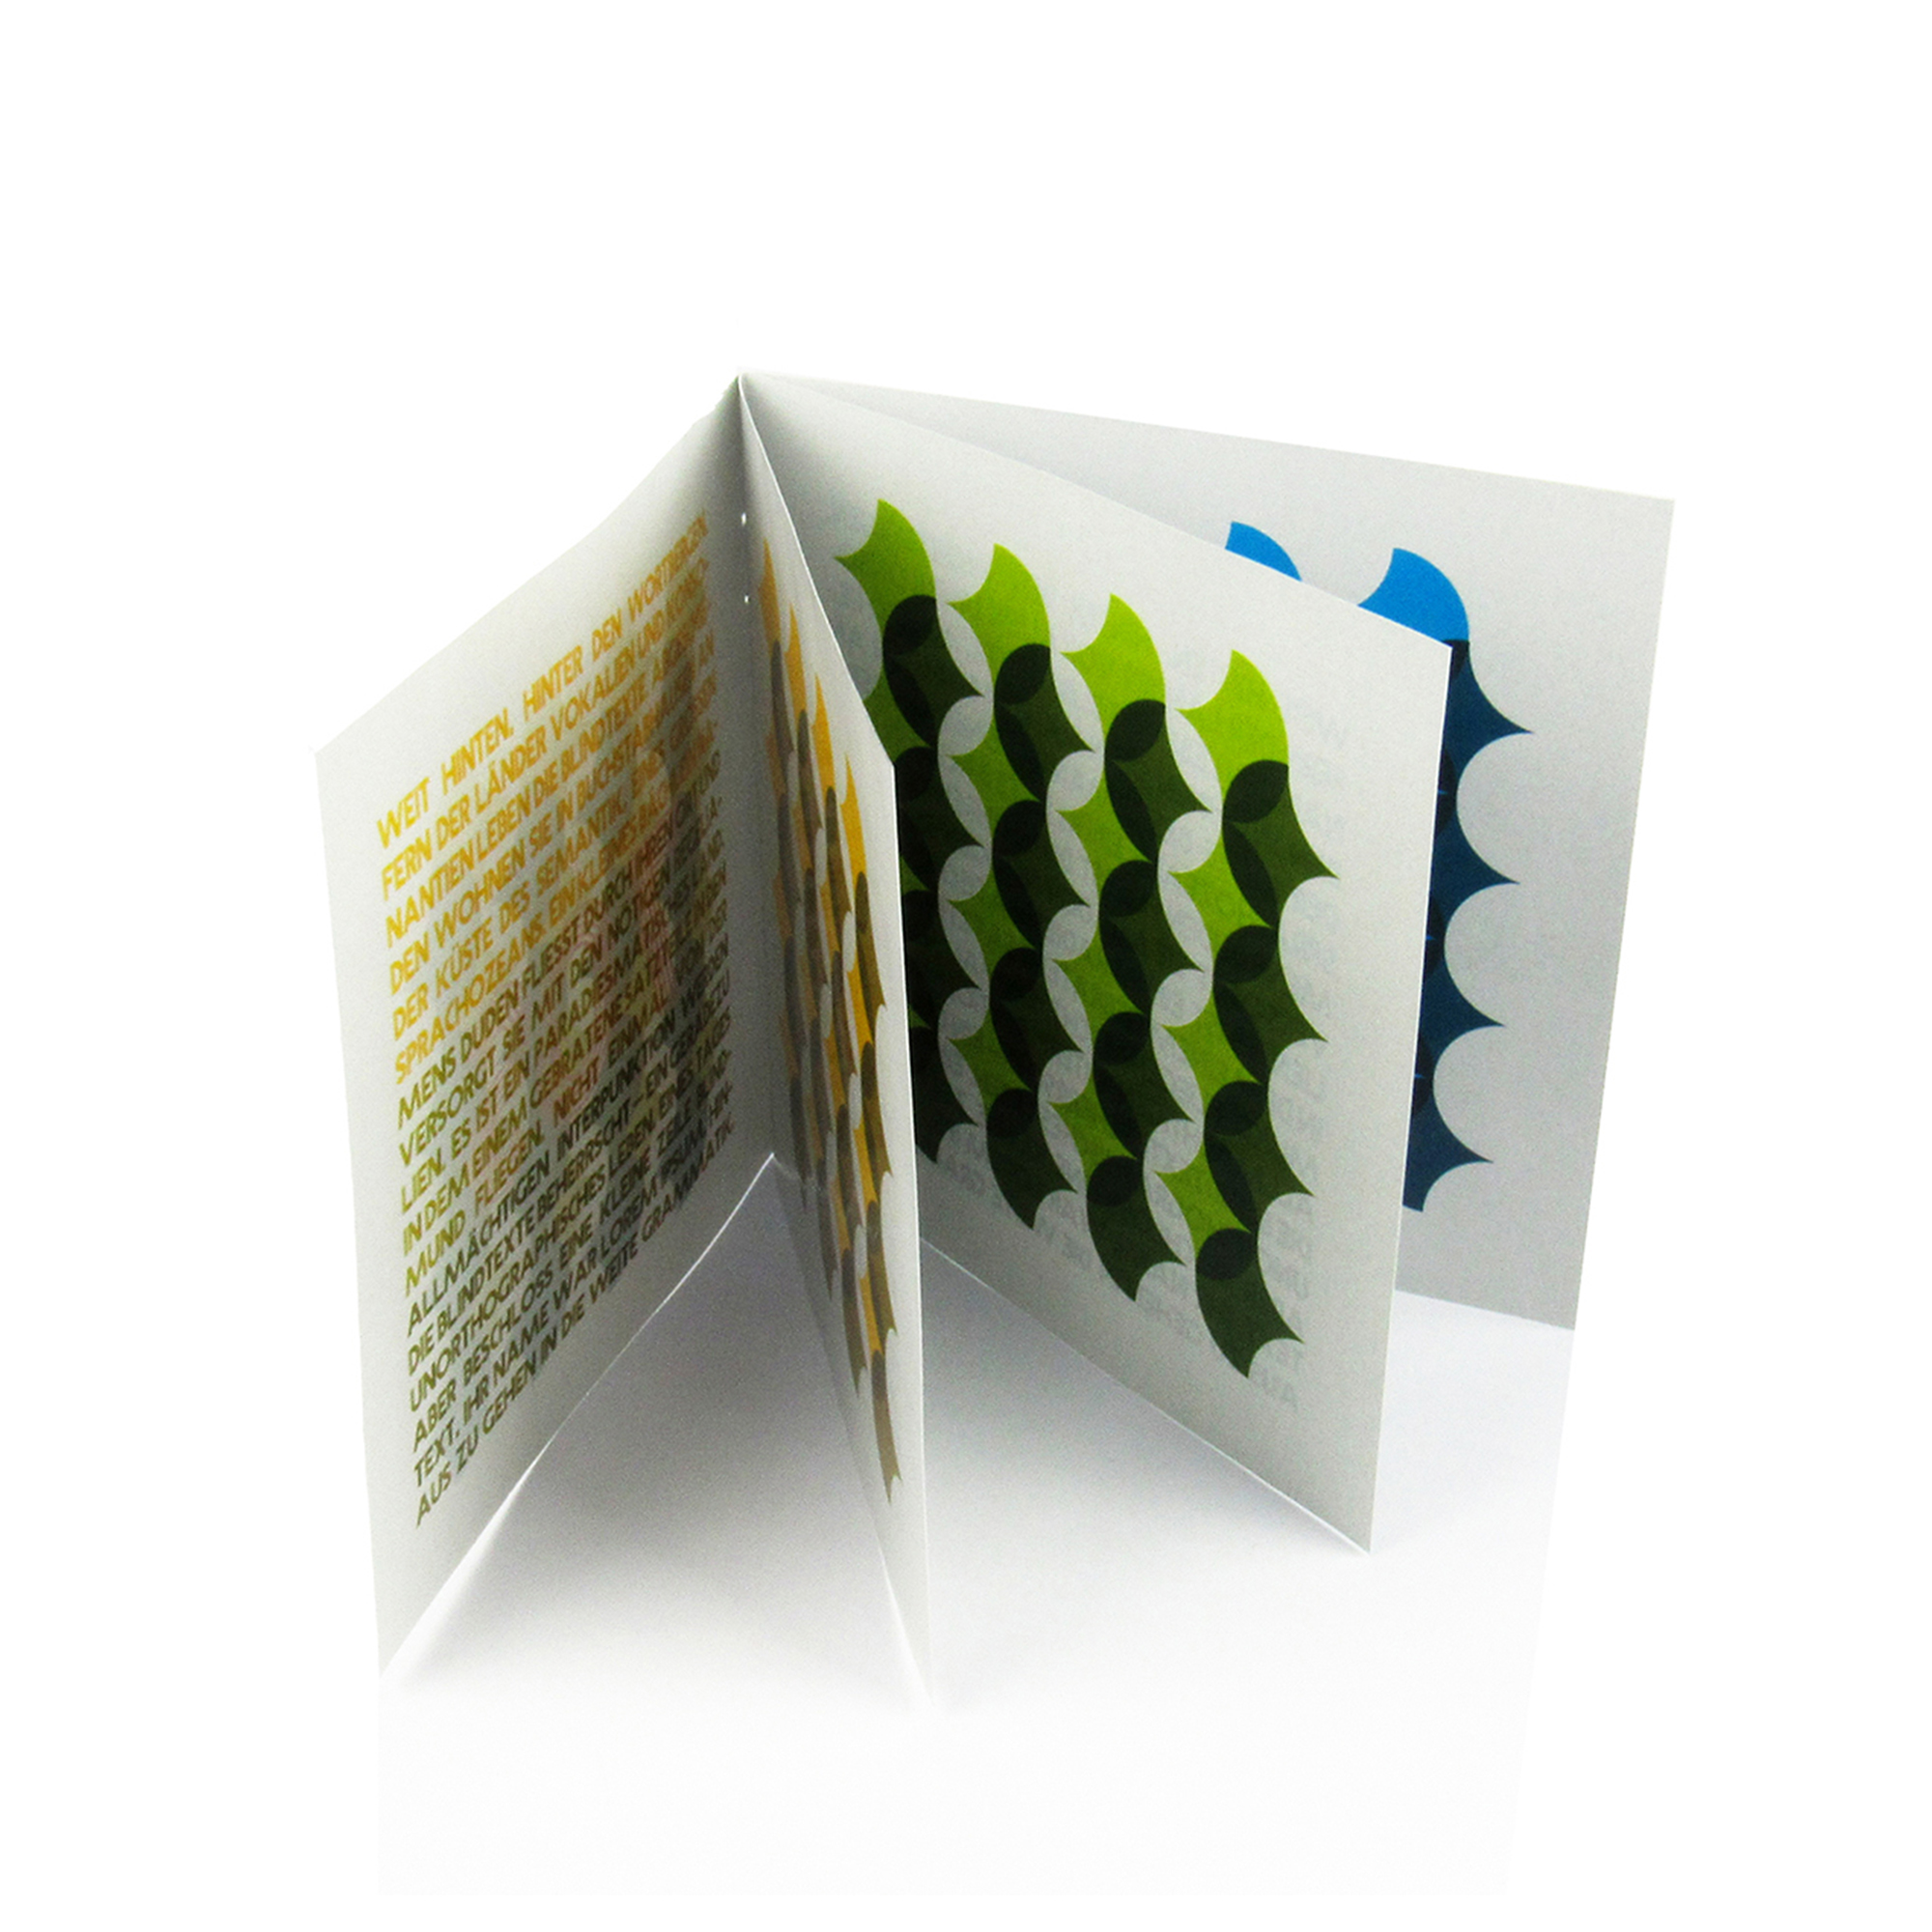 hier g nstig 12 seitige cd booklets online bestellen. Black Bedroom Furniture Sets. Home Design Ideas